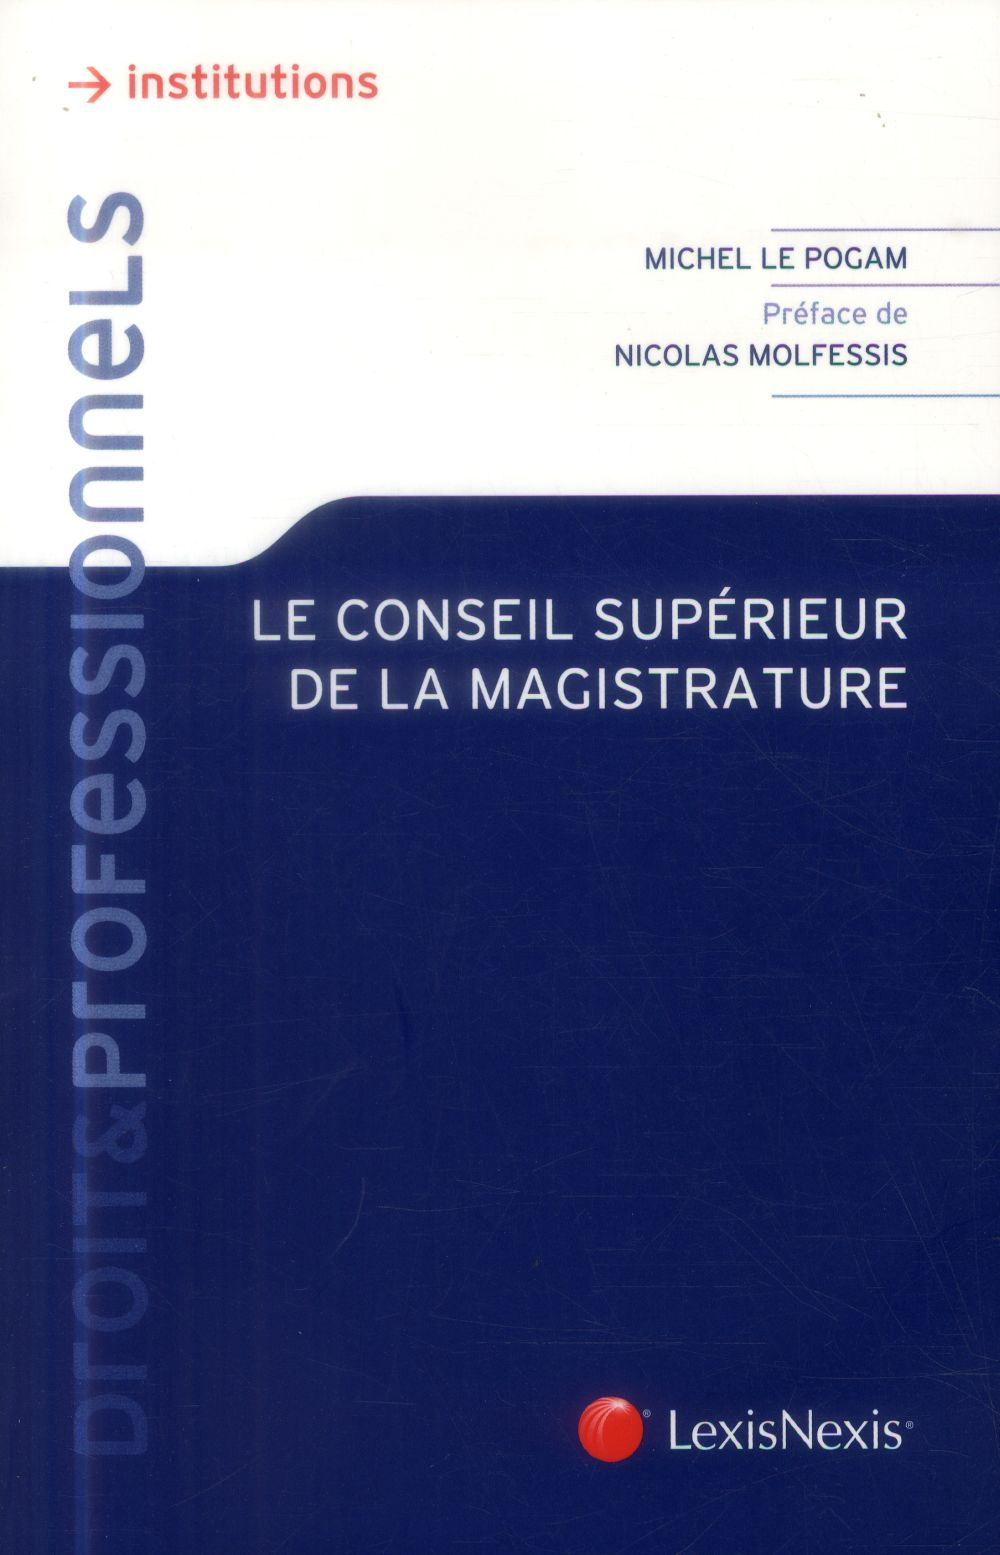 LE CONSEIL SUPERIEUR DE LA MAGISTRATURE